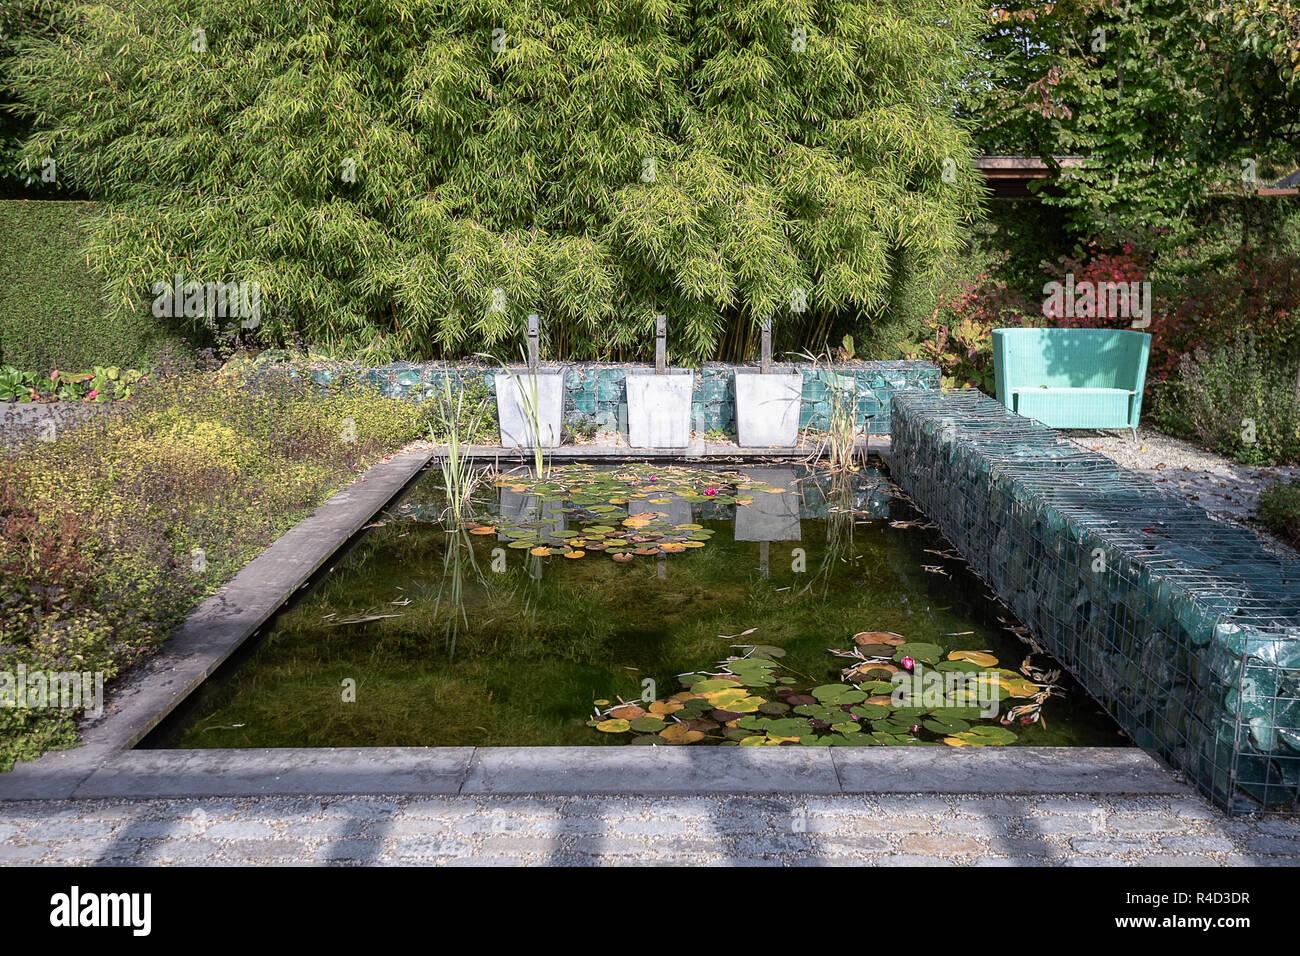 Gartenelement stockfotos gartenelement bilder alamy - Wand aus glasbausteinen ...